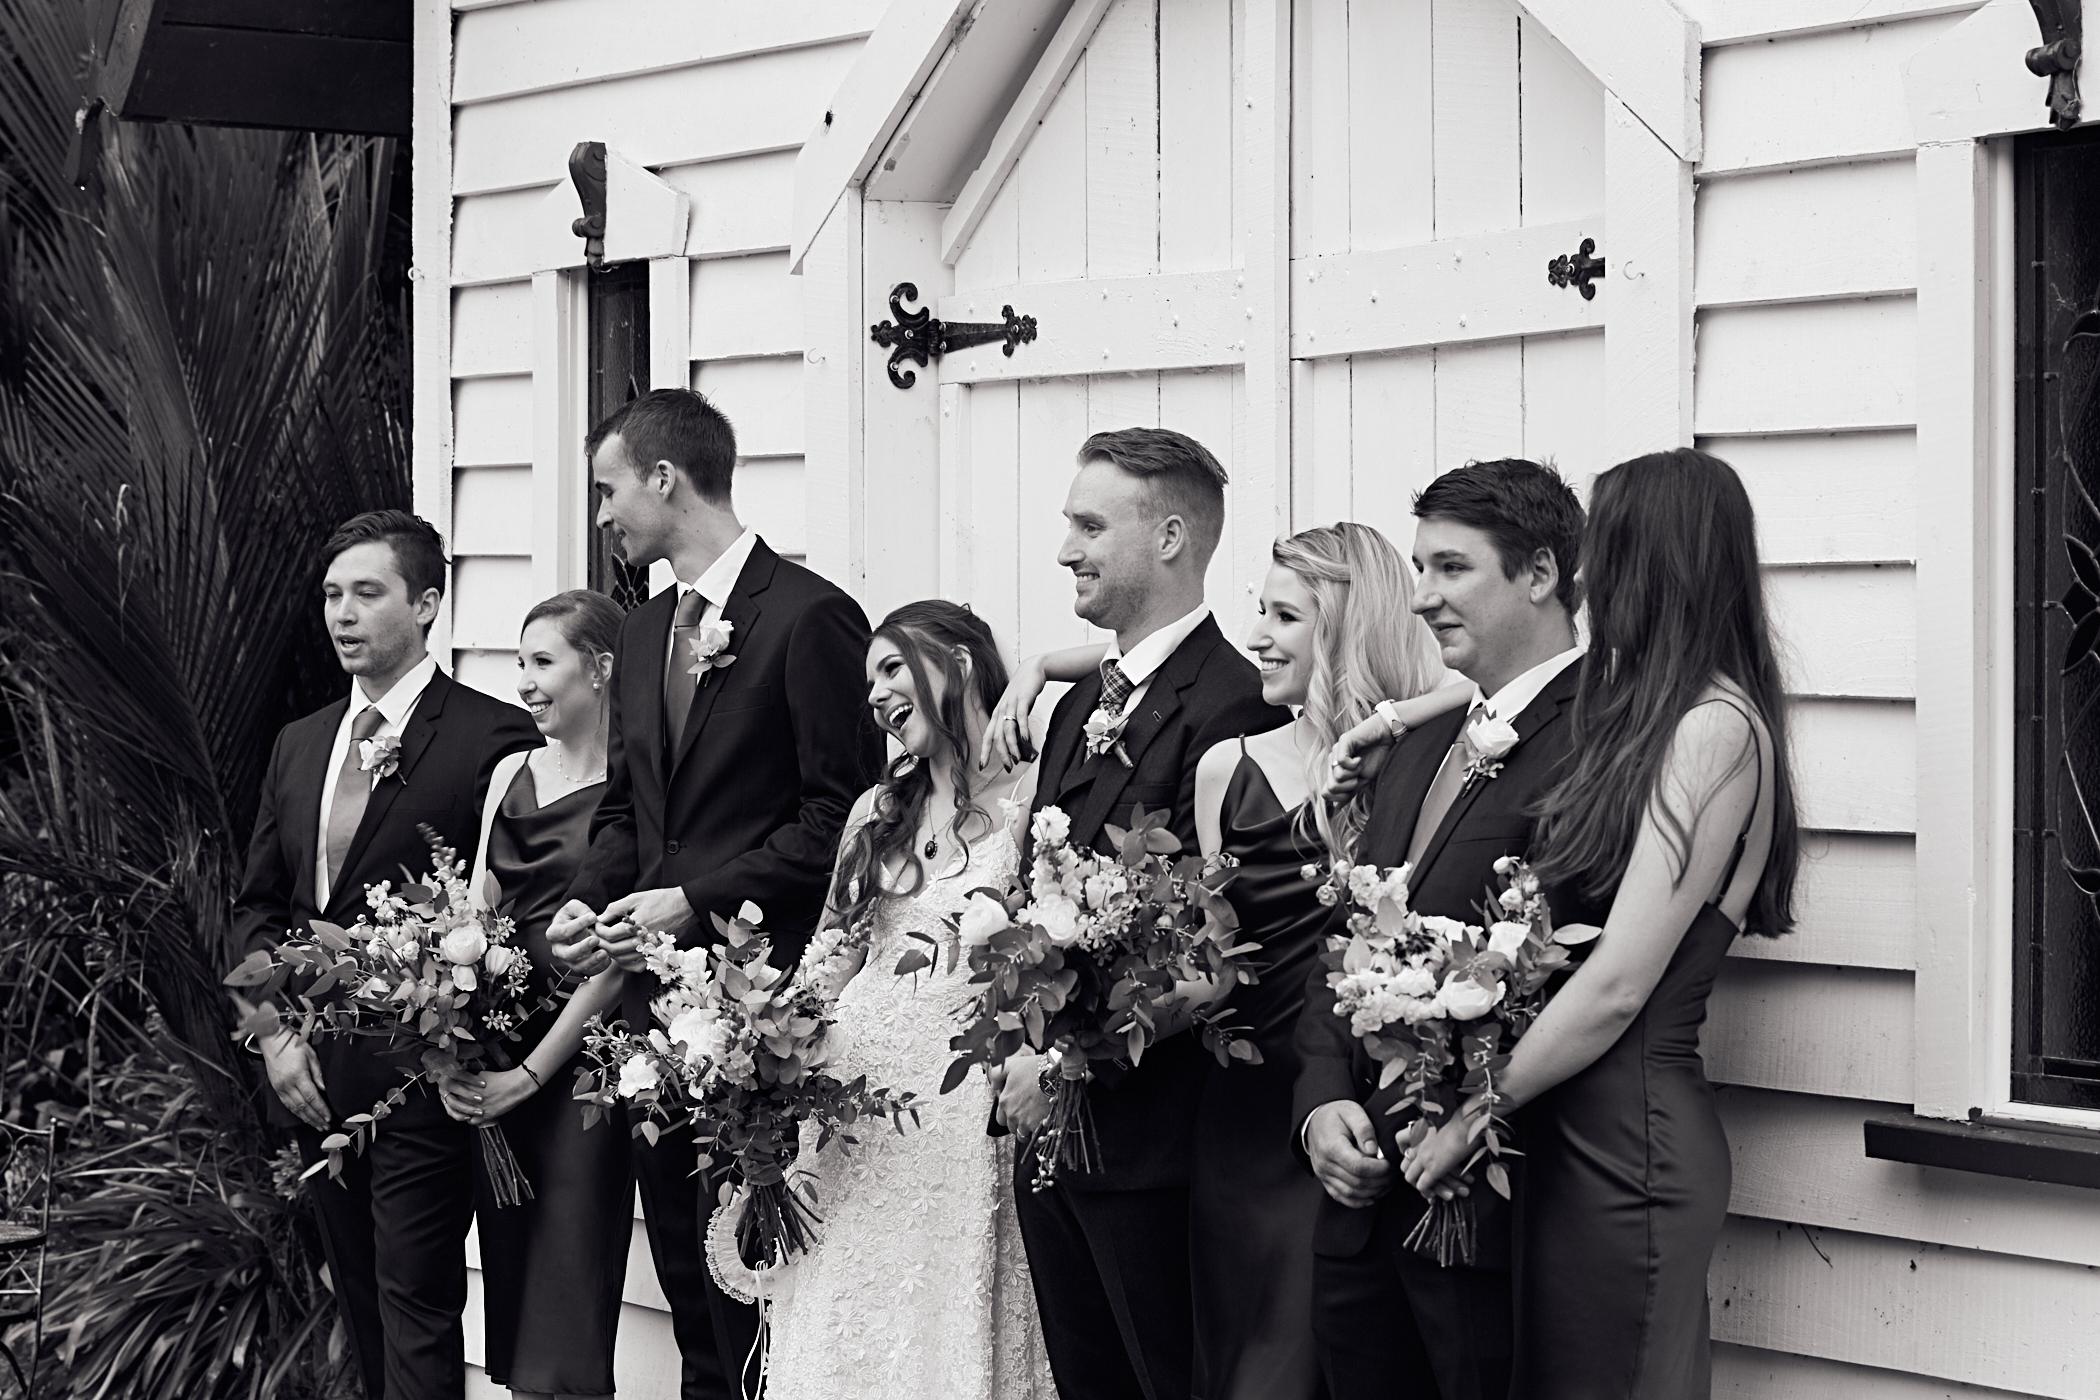 Candid wedding photography